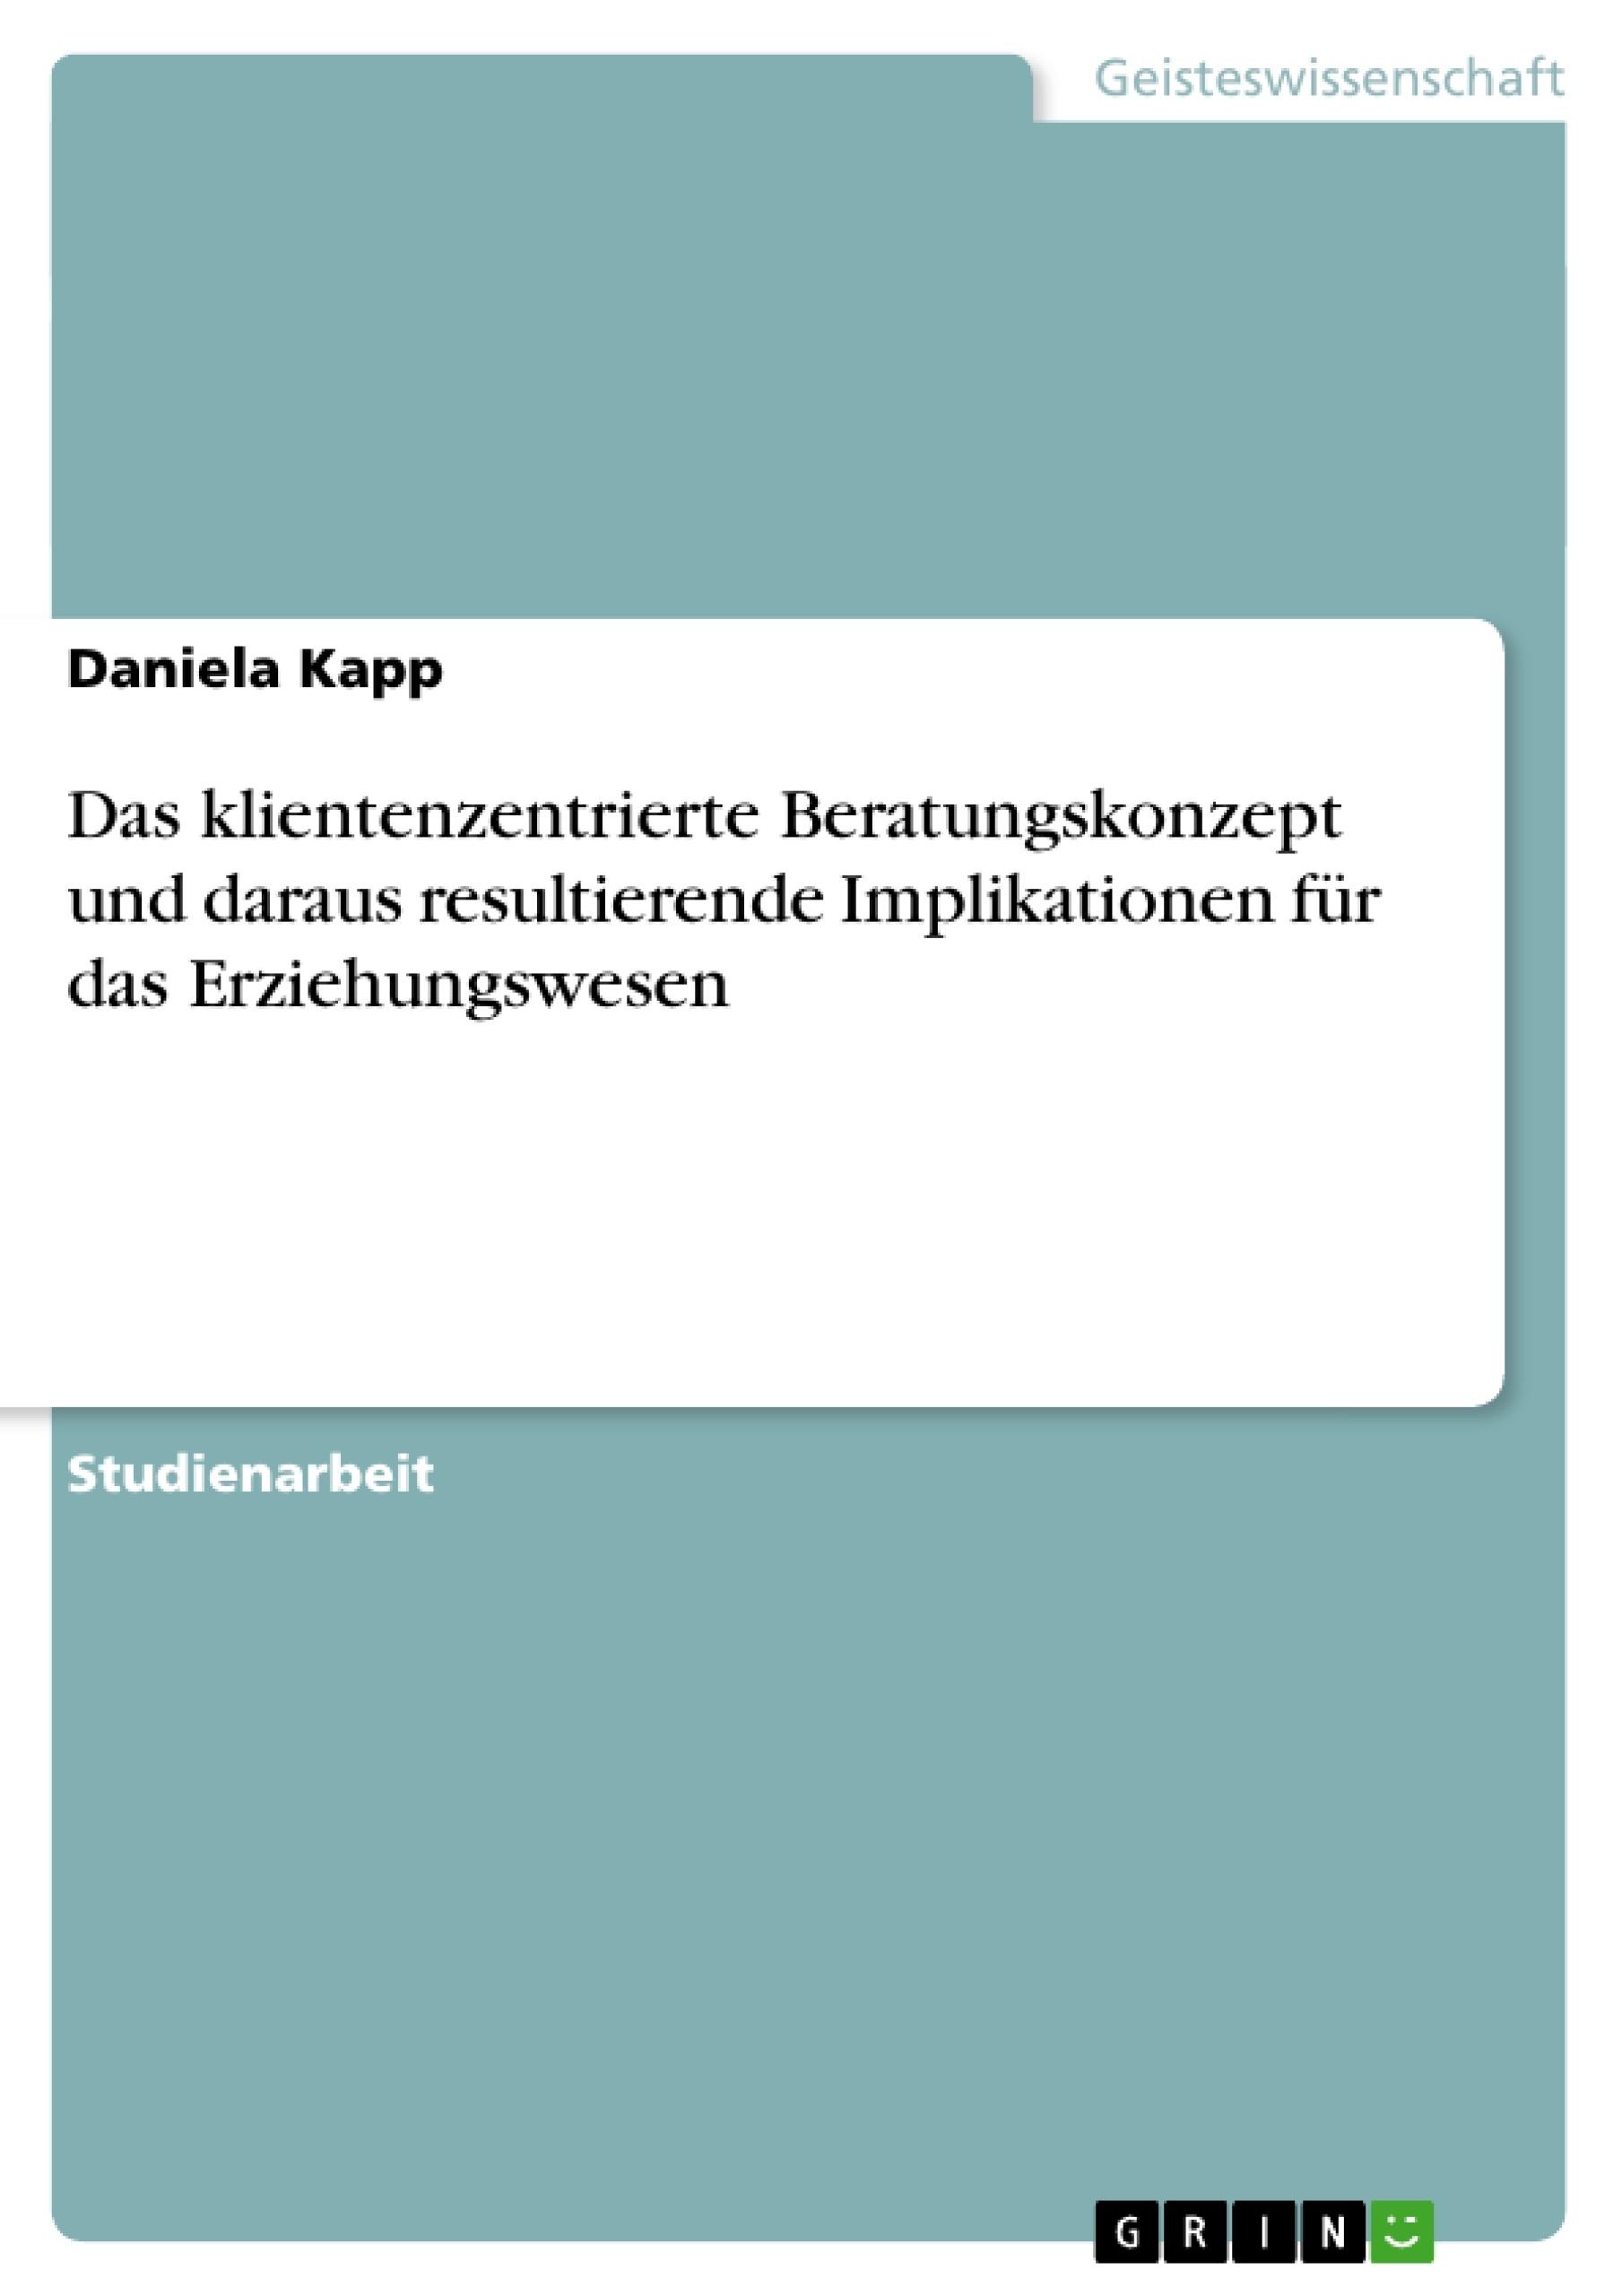 Titel: Das klientenzentrierte Beratungskonzept und daraus resultierende Implikationen für das Erziehungswesen